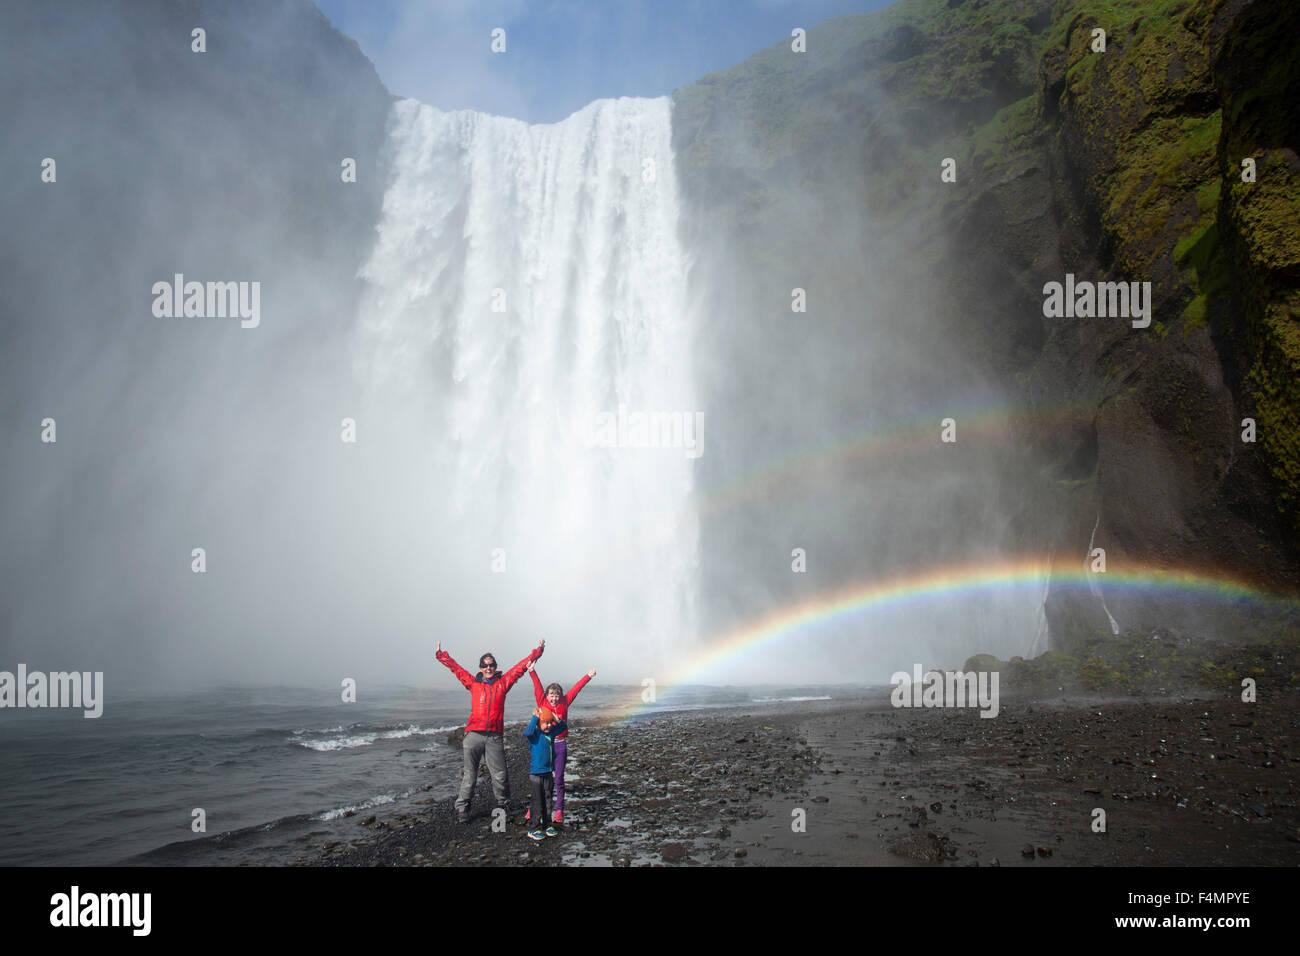 La famiglia in rainbow sotto 60m-alta cascata Skogafoss, Skogar, Sudhurland, Islanda. Immagini Stock